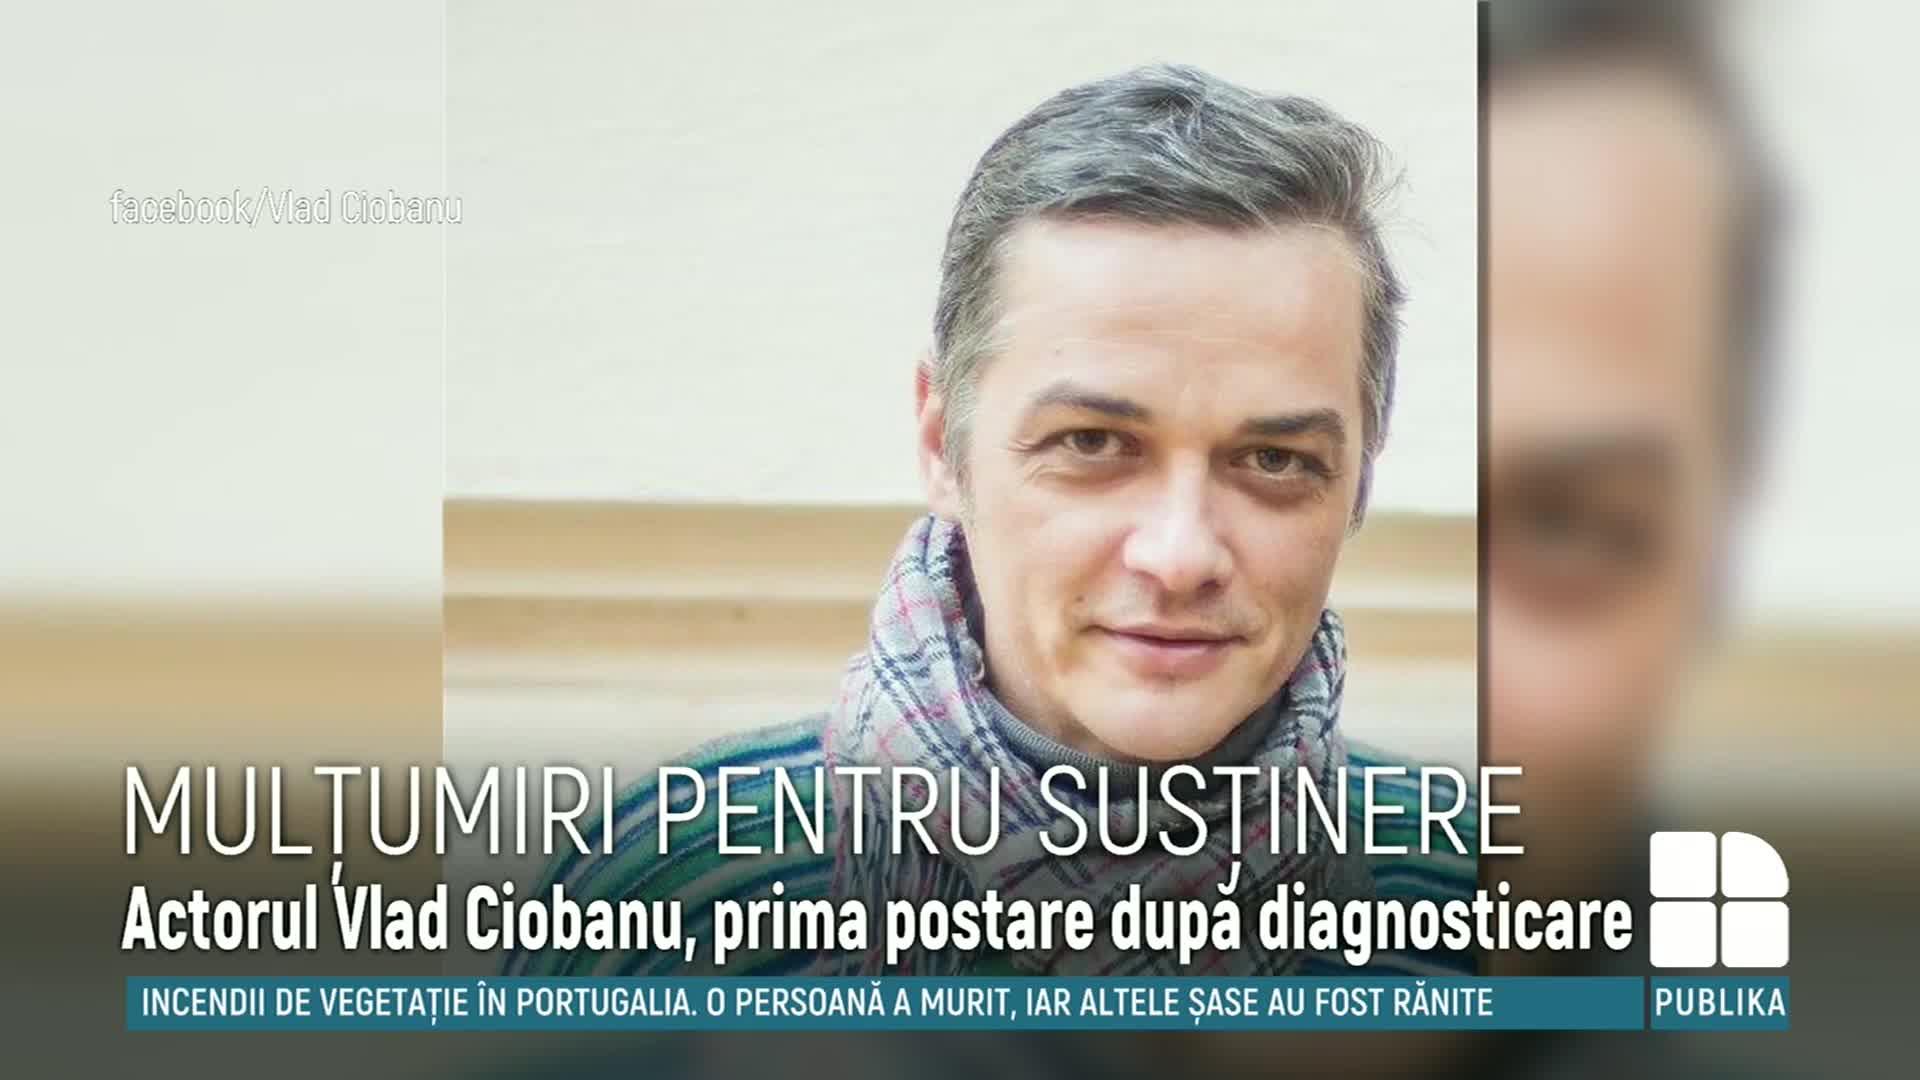 Mulțumiri Pentru Susținere Actorul Vlad Ciobanu A Venit Cu Primul Său Mesaj După Ce A Fost Diagnosticat Cu Leucemie Publika Md Aici Sunt știrile